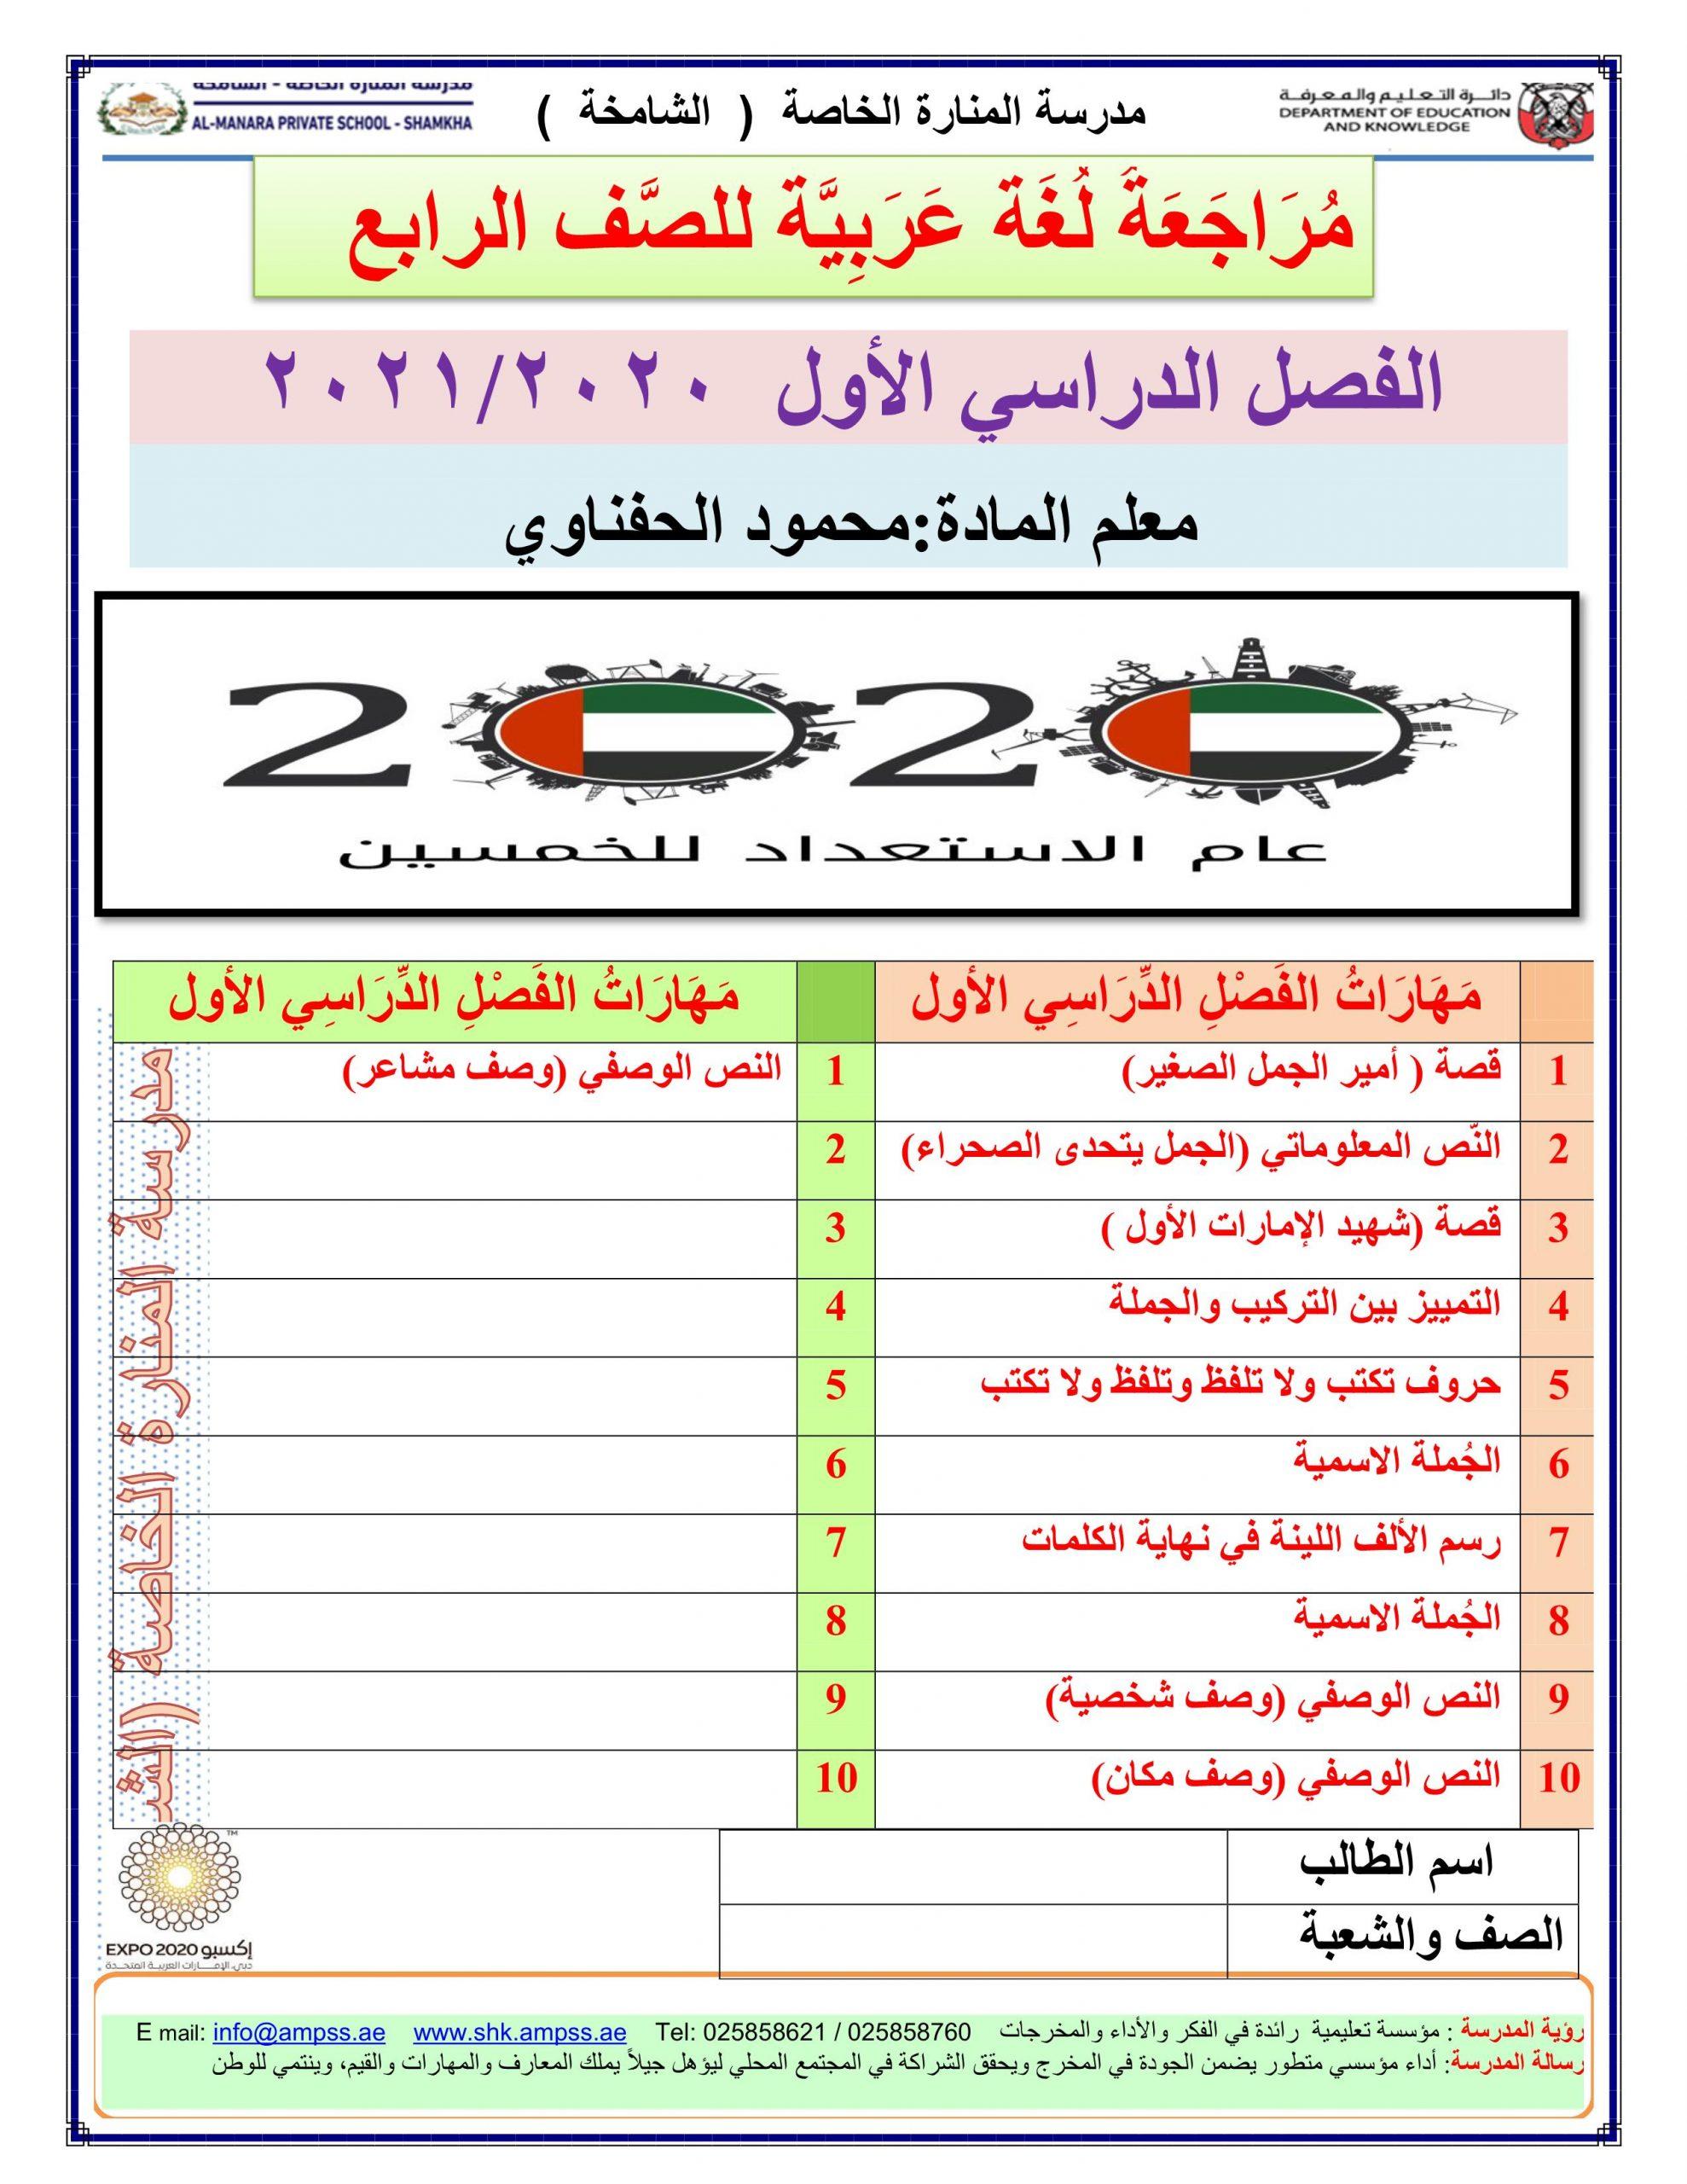 اوراق عمل متنوعة مراجعة نهائية الصف الرابع مادة اللغة العربية